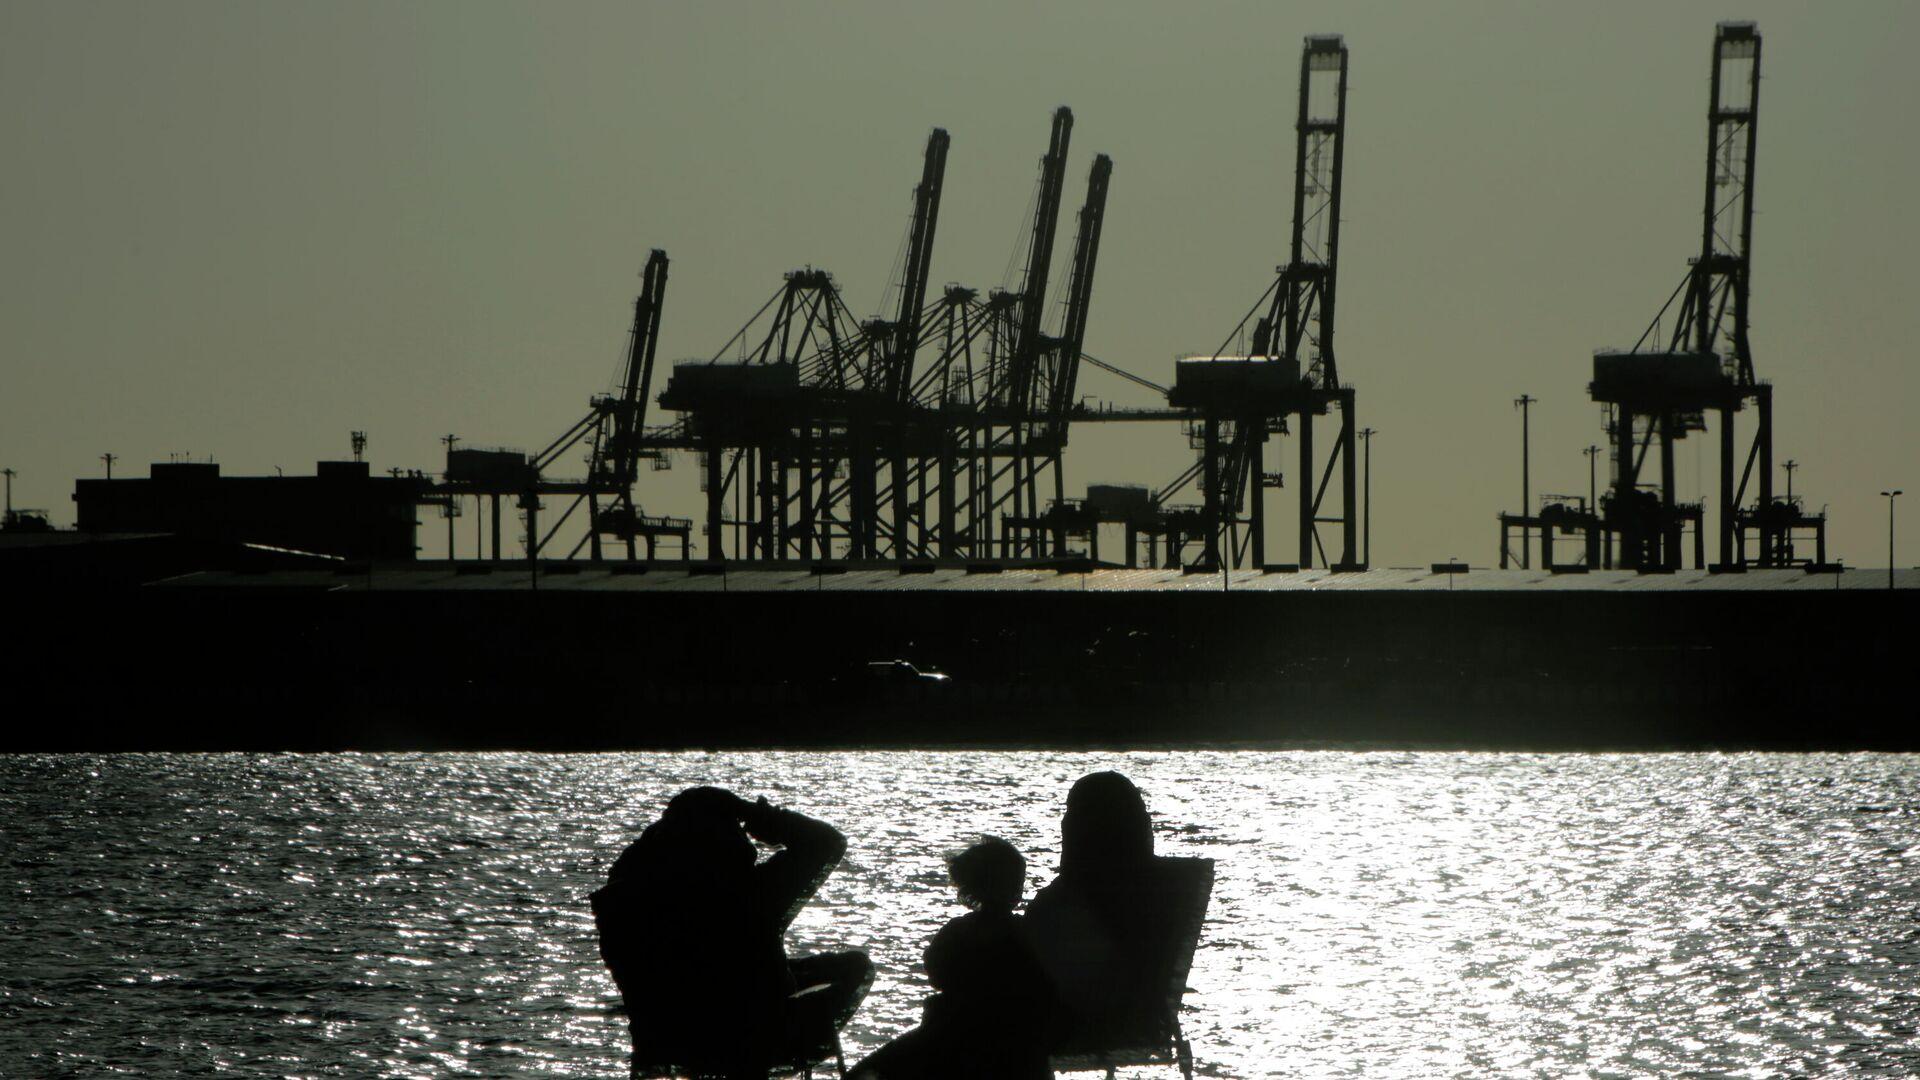 Unas personas miran la puesta de sol en la ciudad portuaria de Yeda, Arabia Saudita - Sputnik Mundo, 1920, 31.03.2021